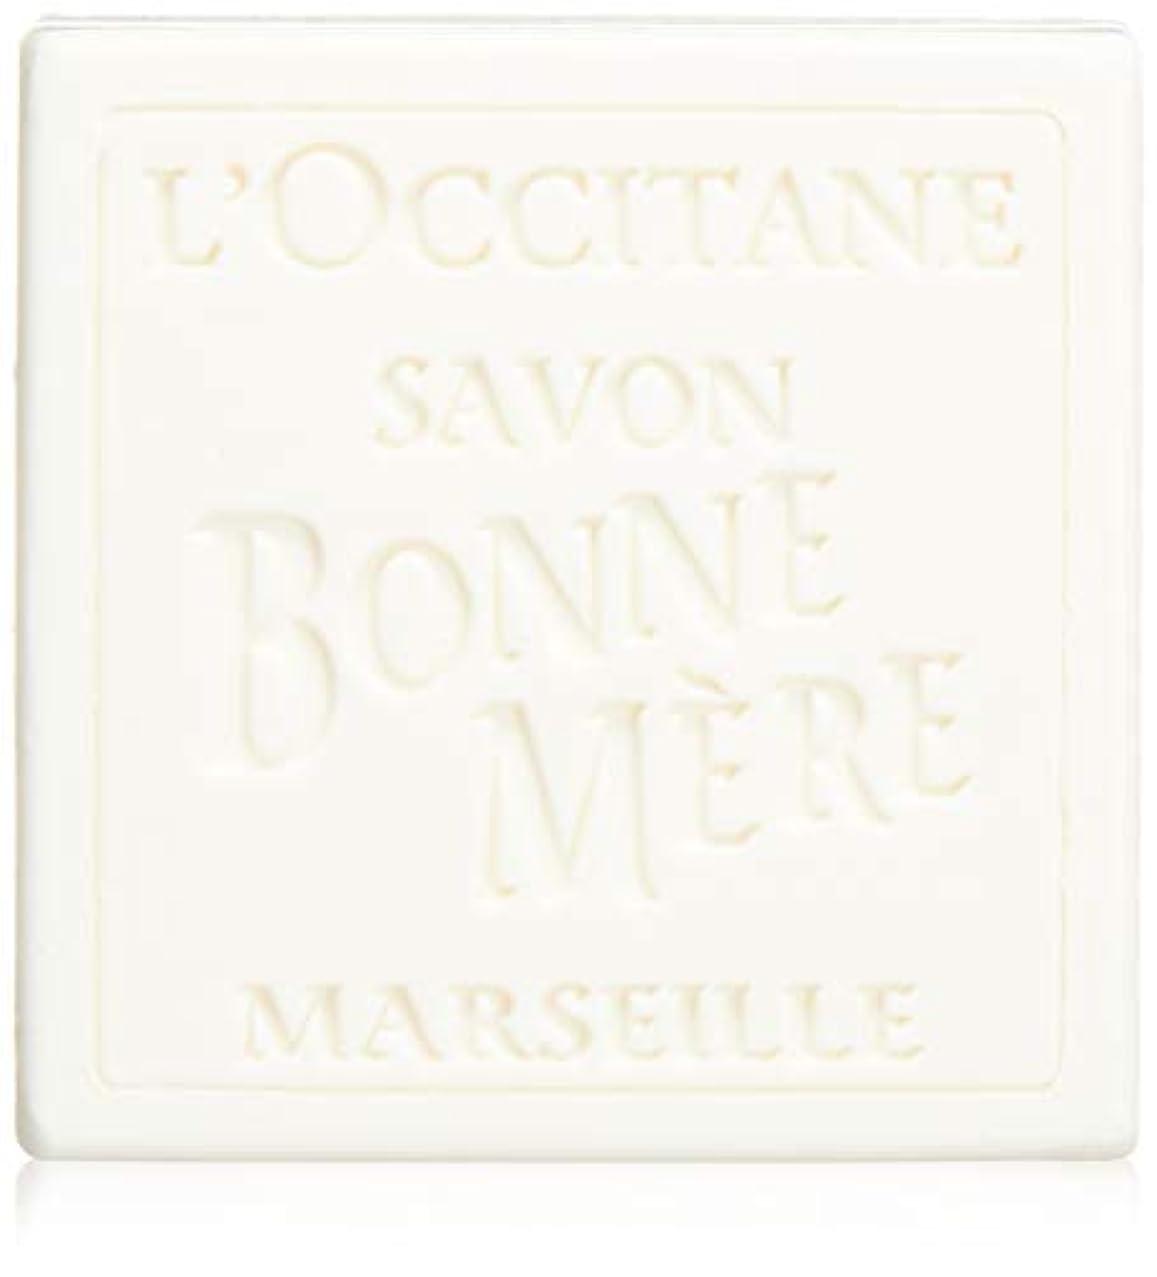 受信推定する硬さロクシタン(L'OCCITANE) ボンメールソープ ミルク 100g